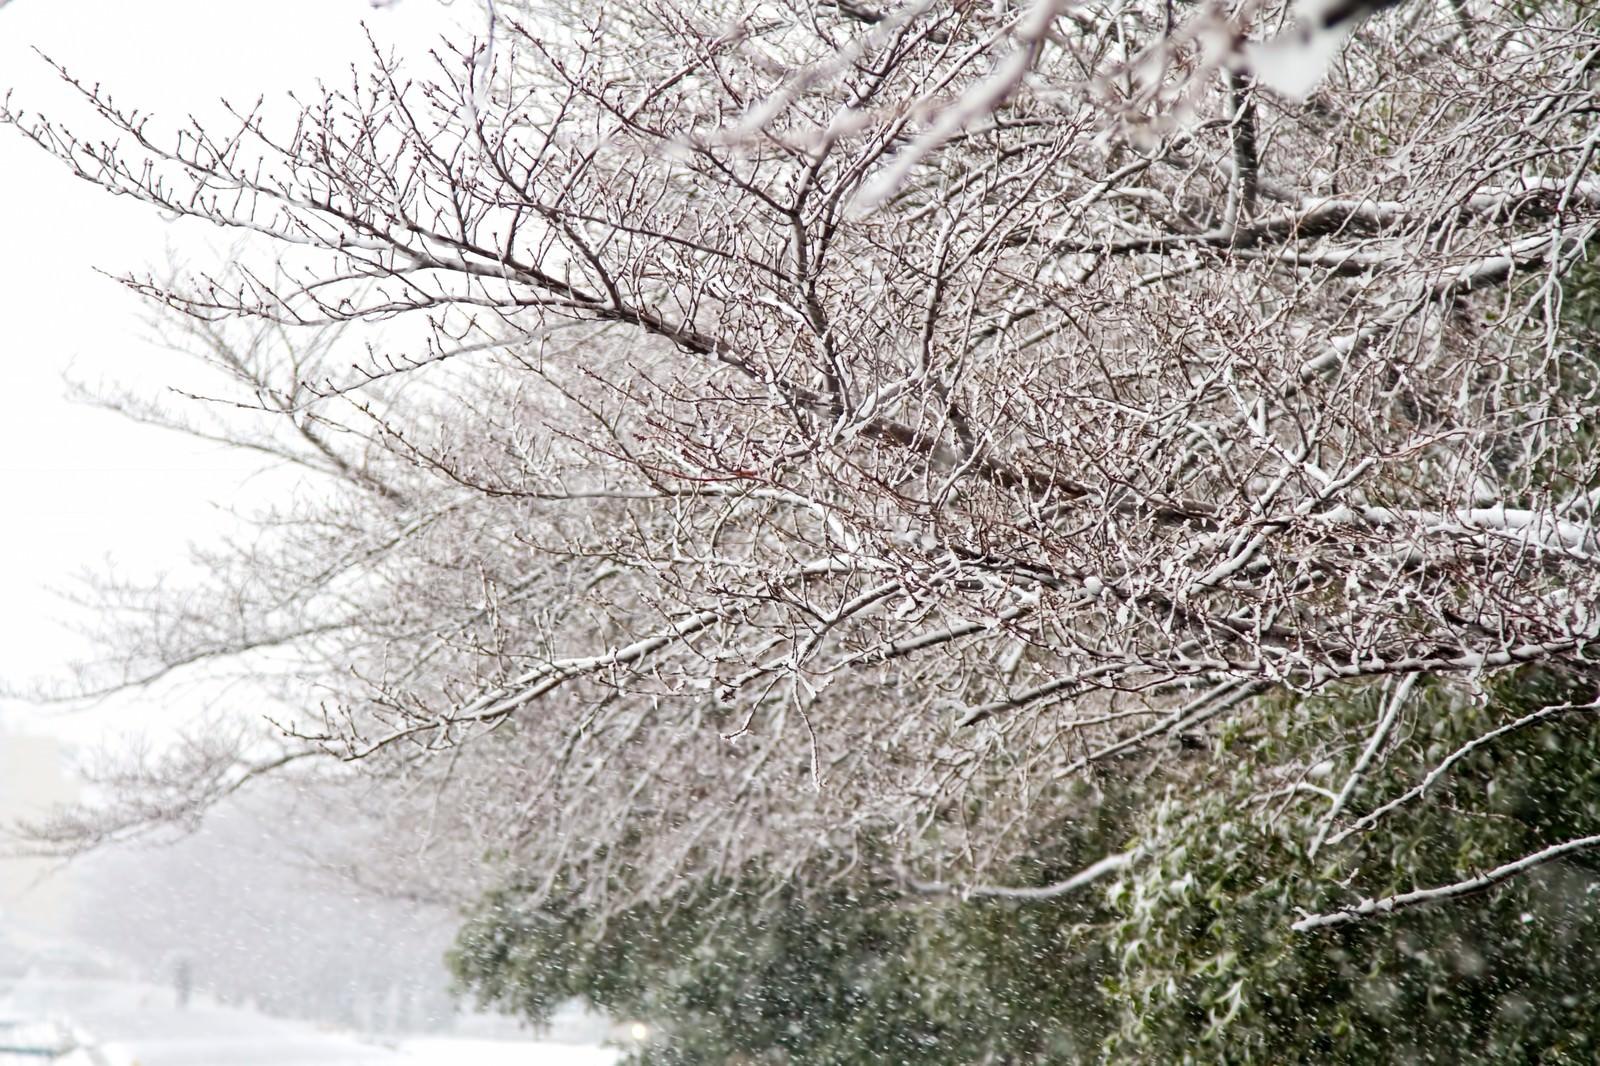 「雪が積もる桜の木々雪が積もる桜の木々」のフリー写真素材を拡大